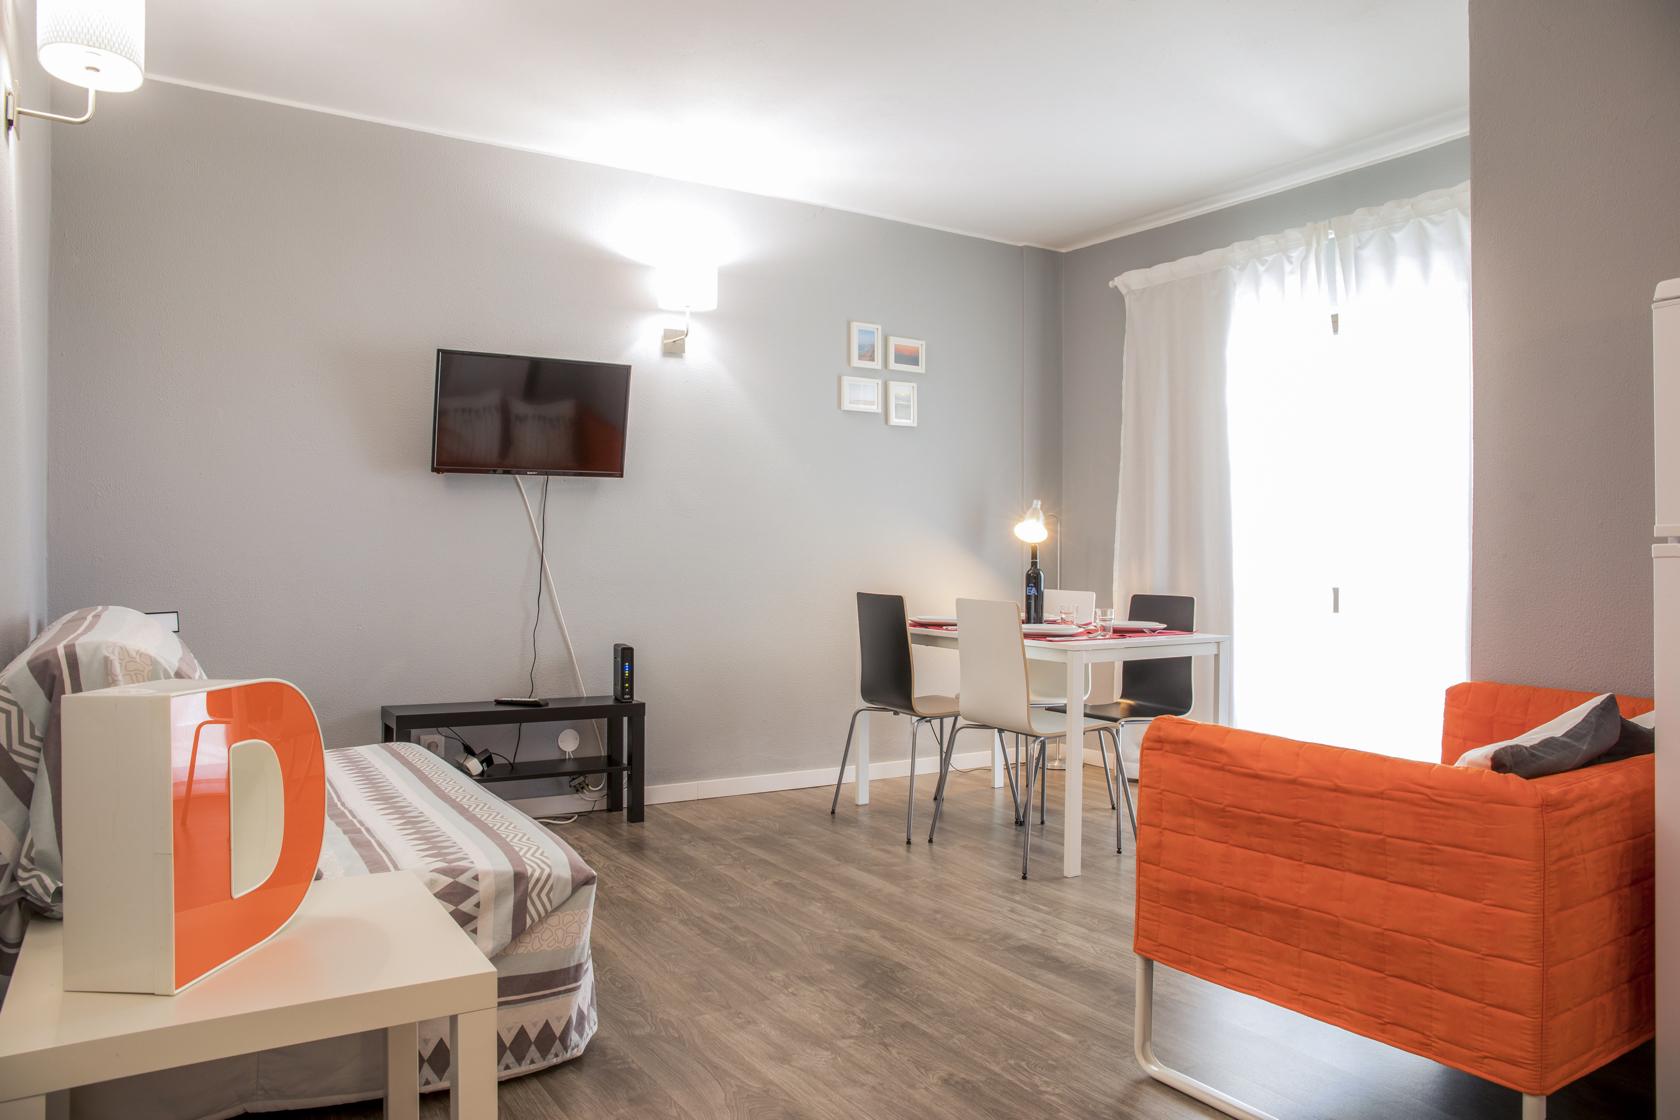 deflat-living-room